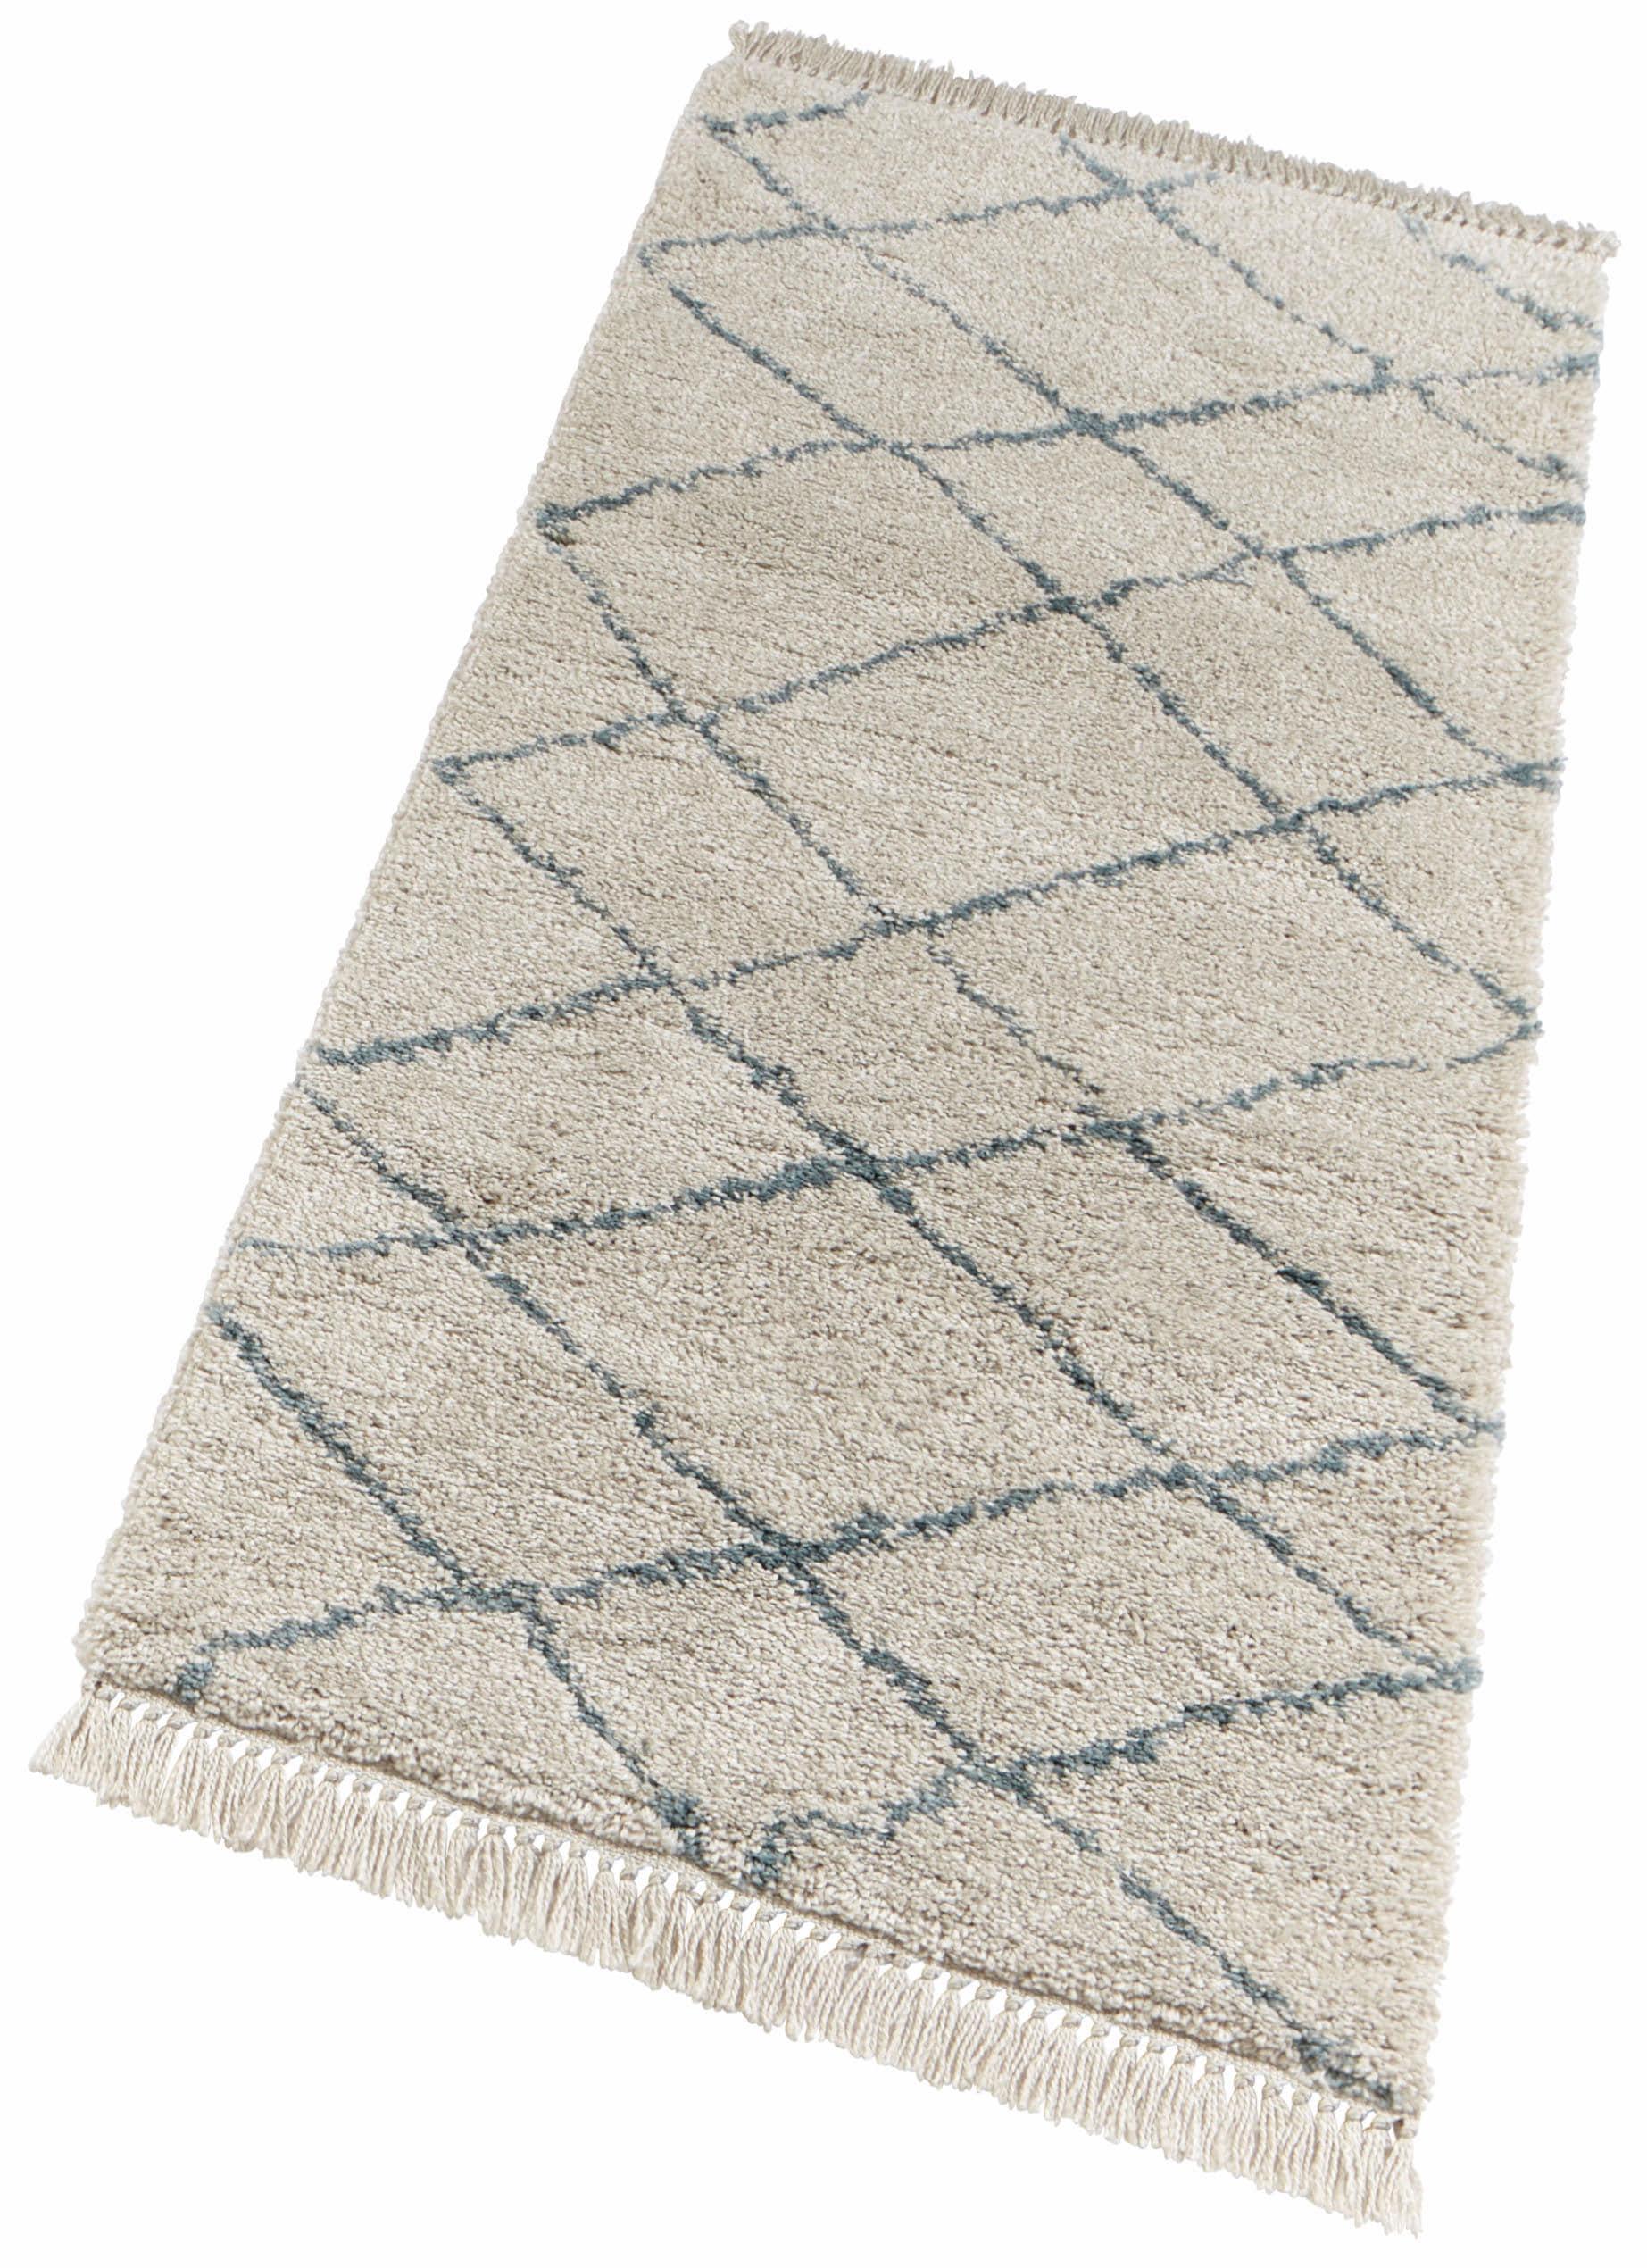 Hochflor-Läufer Primrose freundin Home Collection rechteckig Höhe 35 mm maschinell gewebt